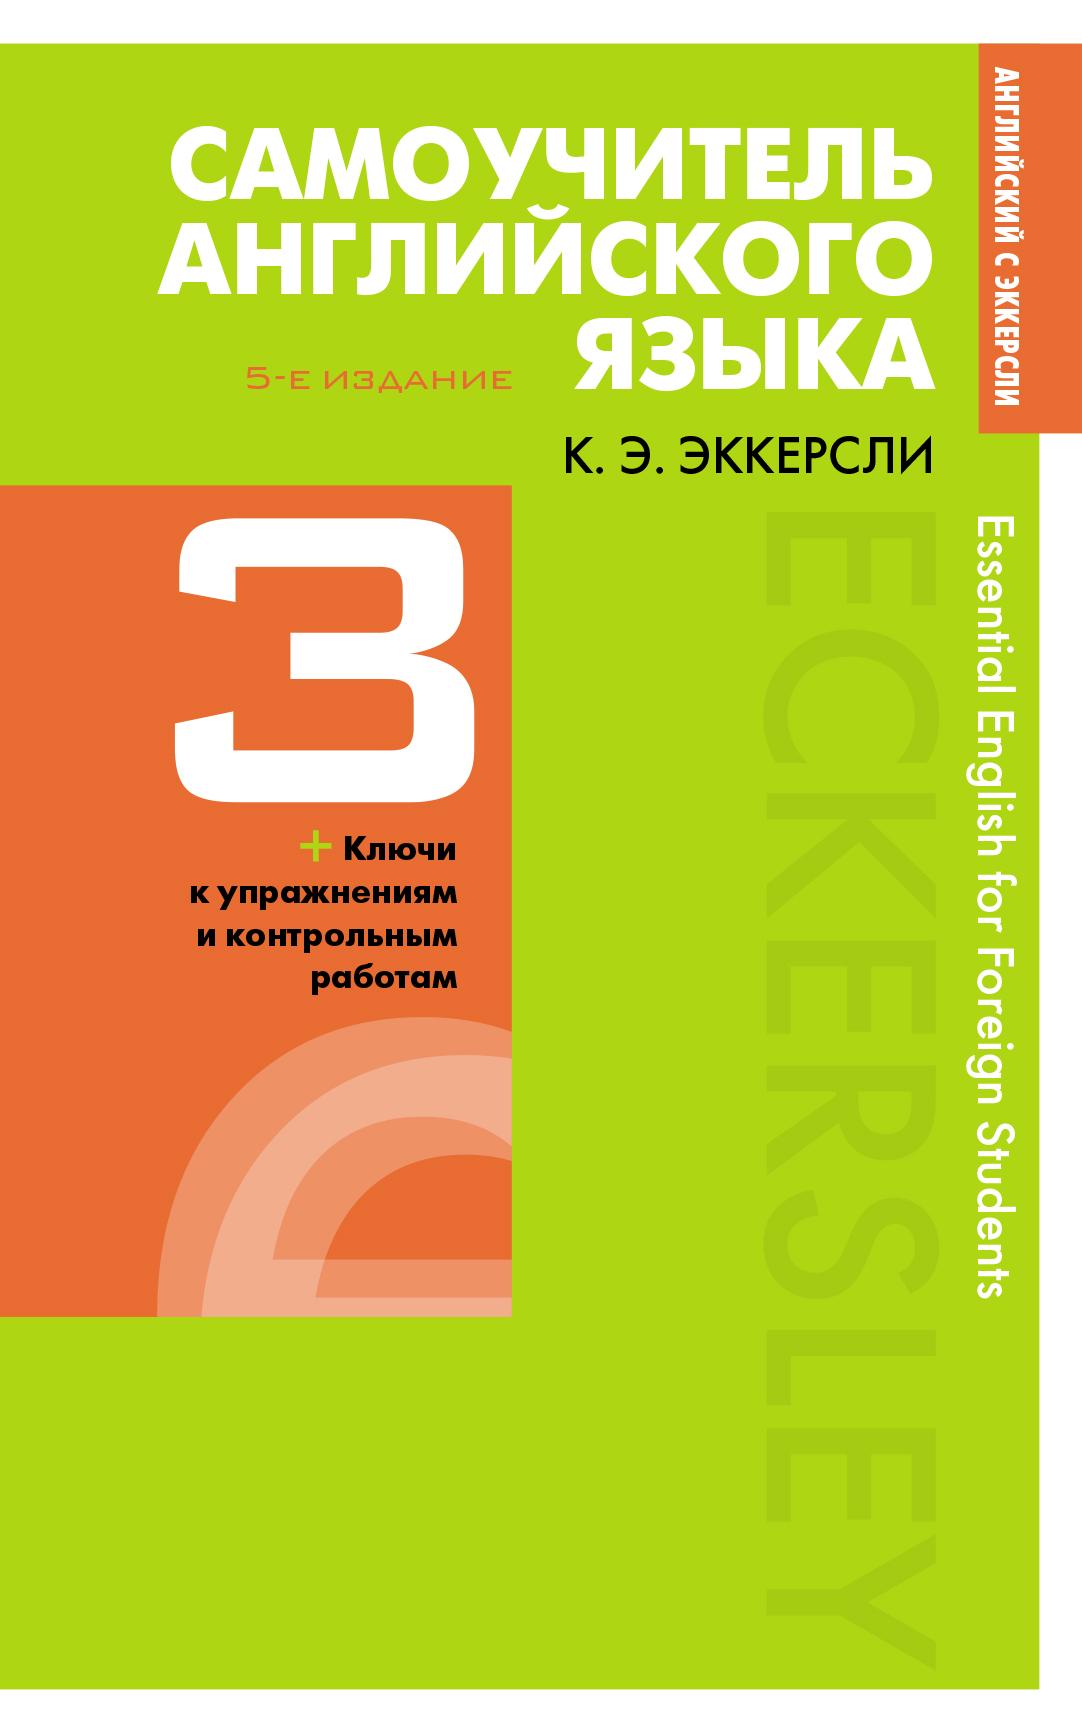 Самоучитель английского языка + ключи к пражнениям и контрольным работам. Книга 3